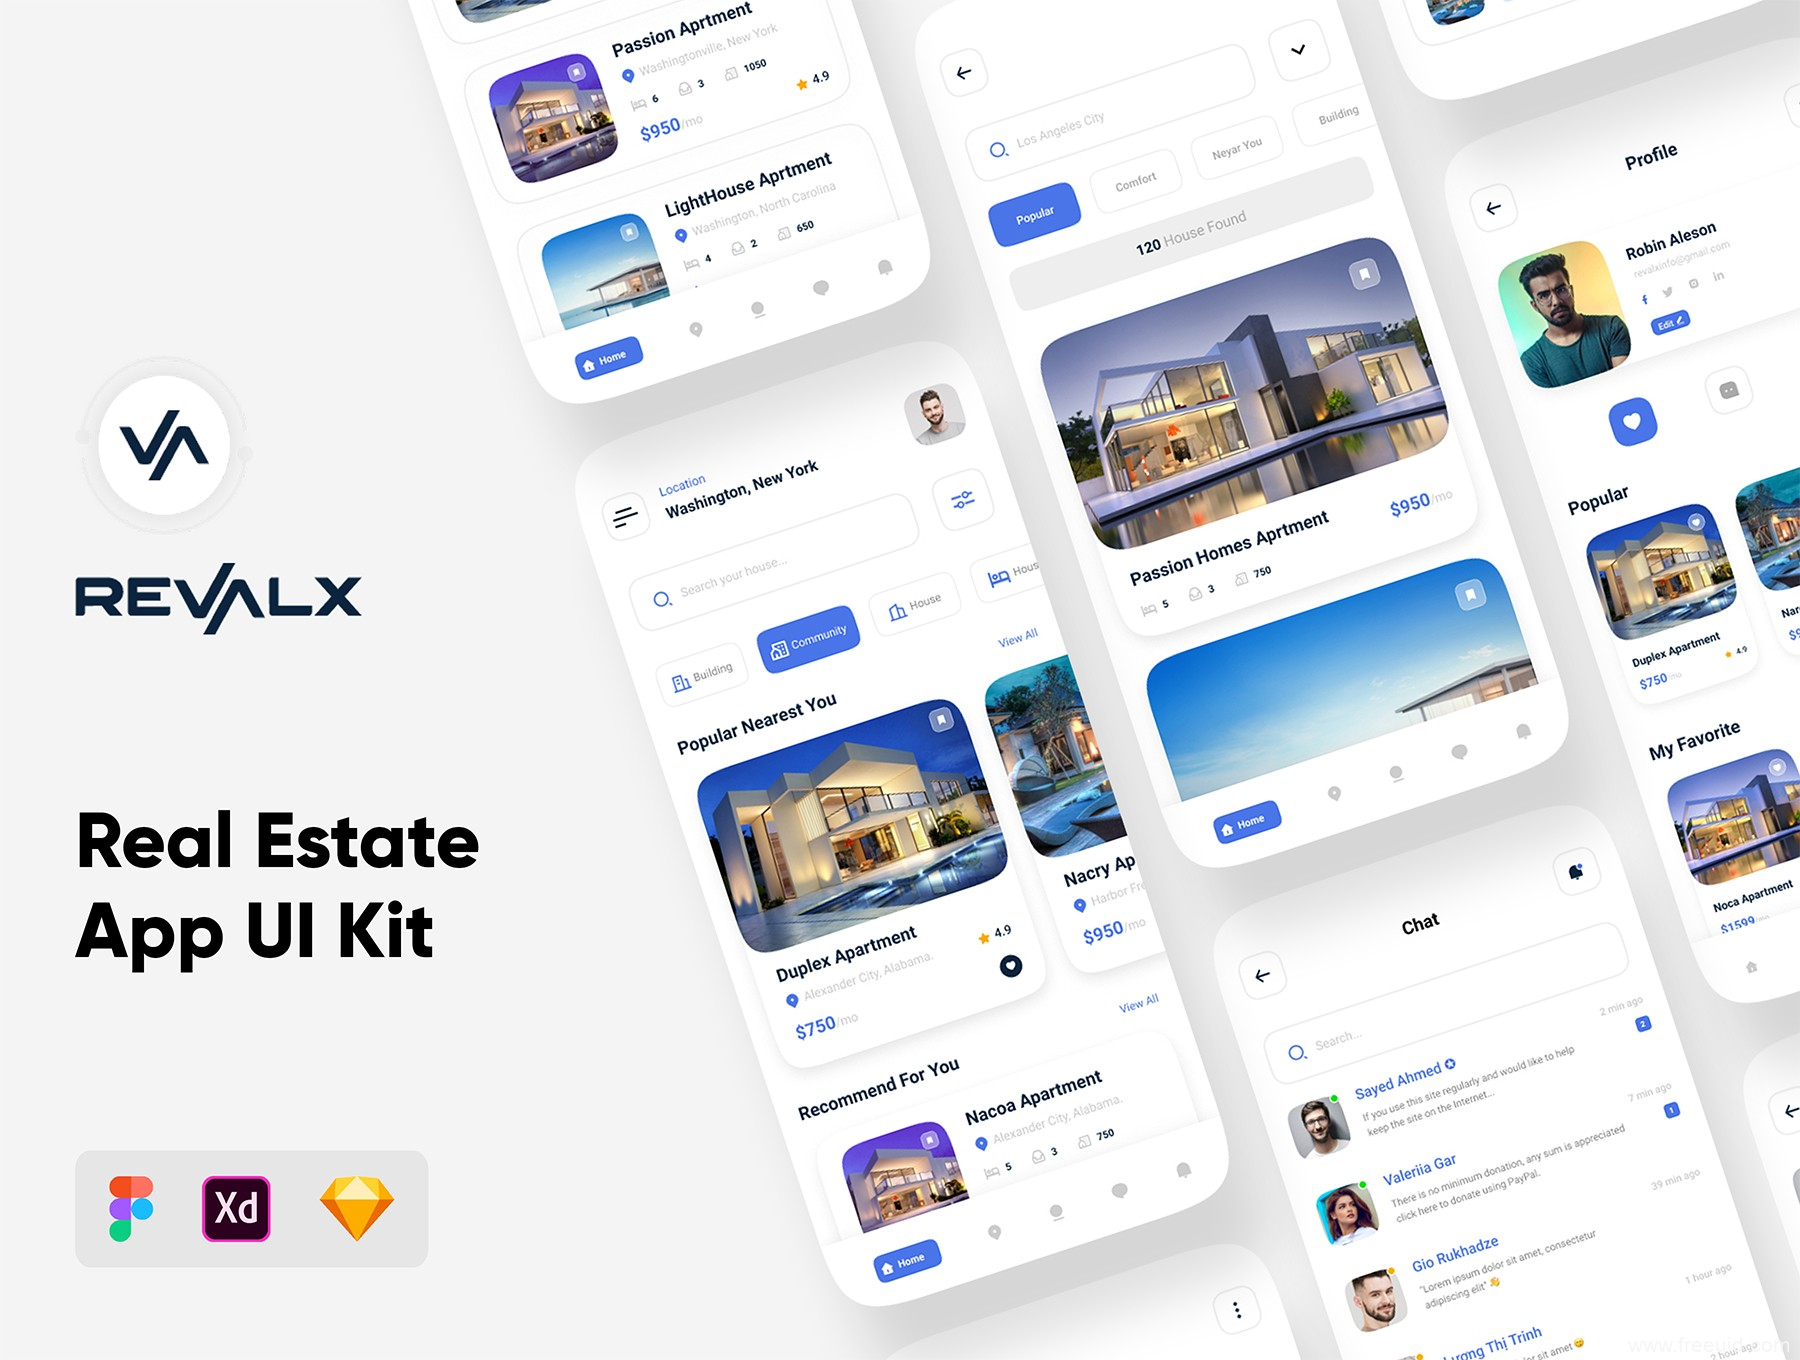 房地产应用app UI源文件下载,房产中介应用app UI资源下载,房屋租赁app UI素材sketch源文件